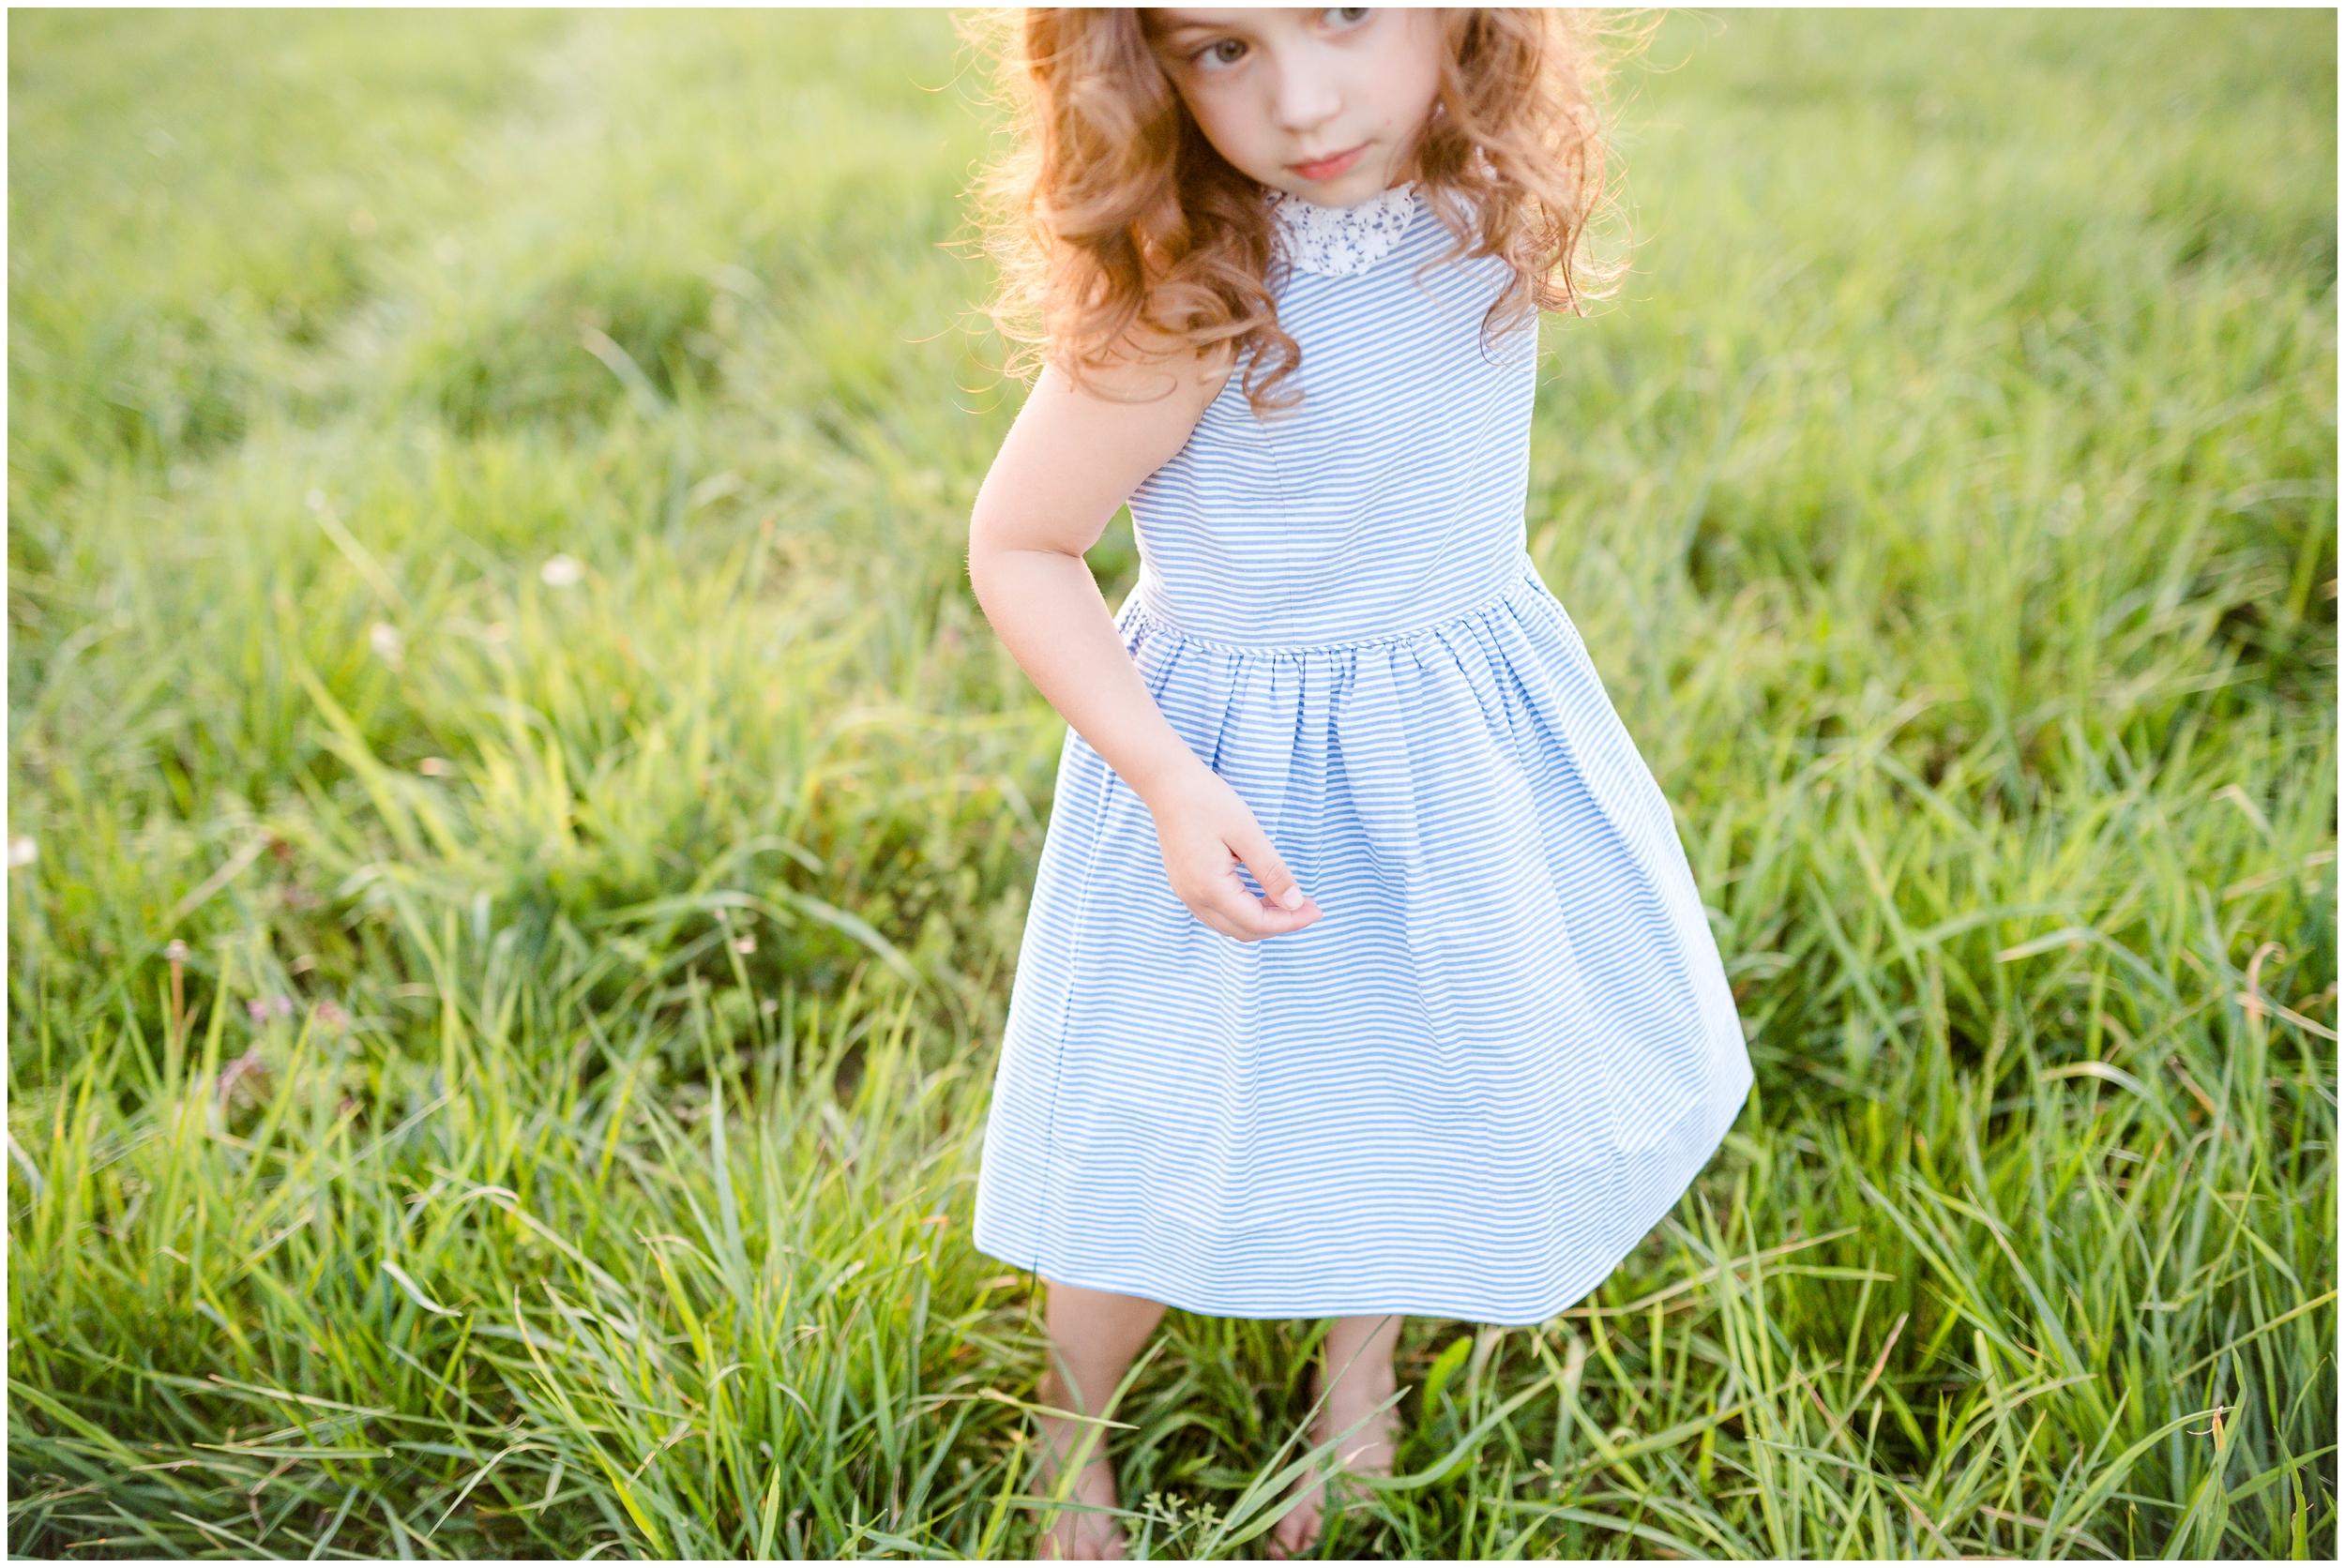 lexington-ky-family-lifestyle-photography-Priscilla-Baierlein-Photography_0279.jpg